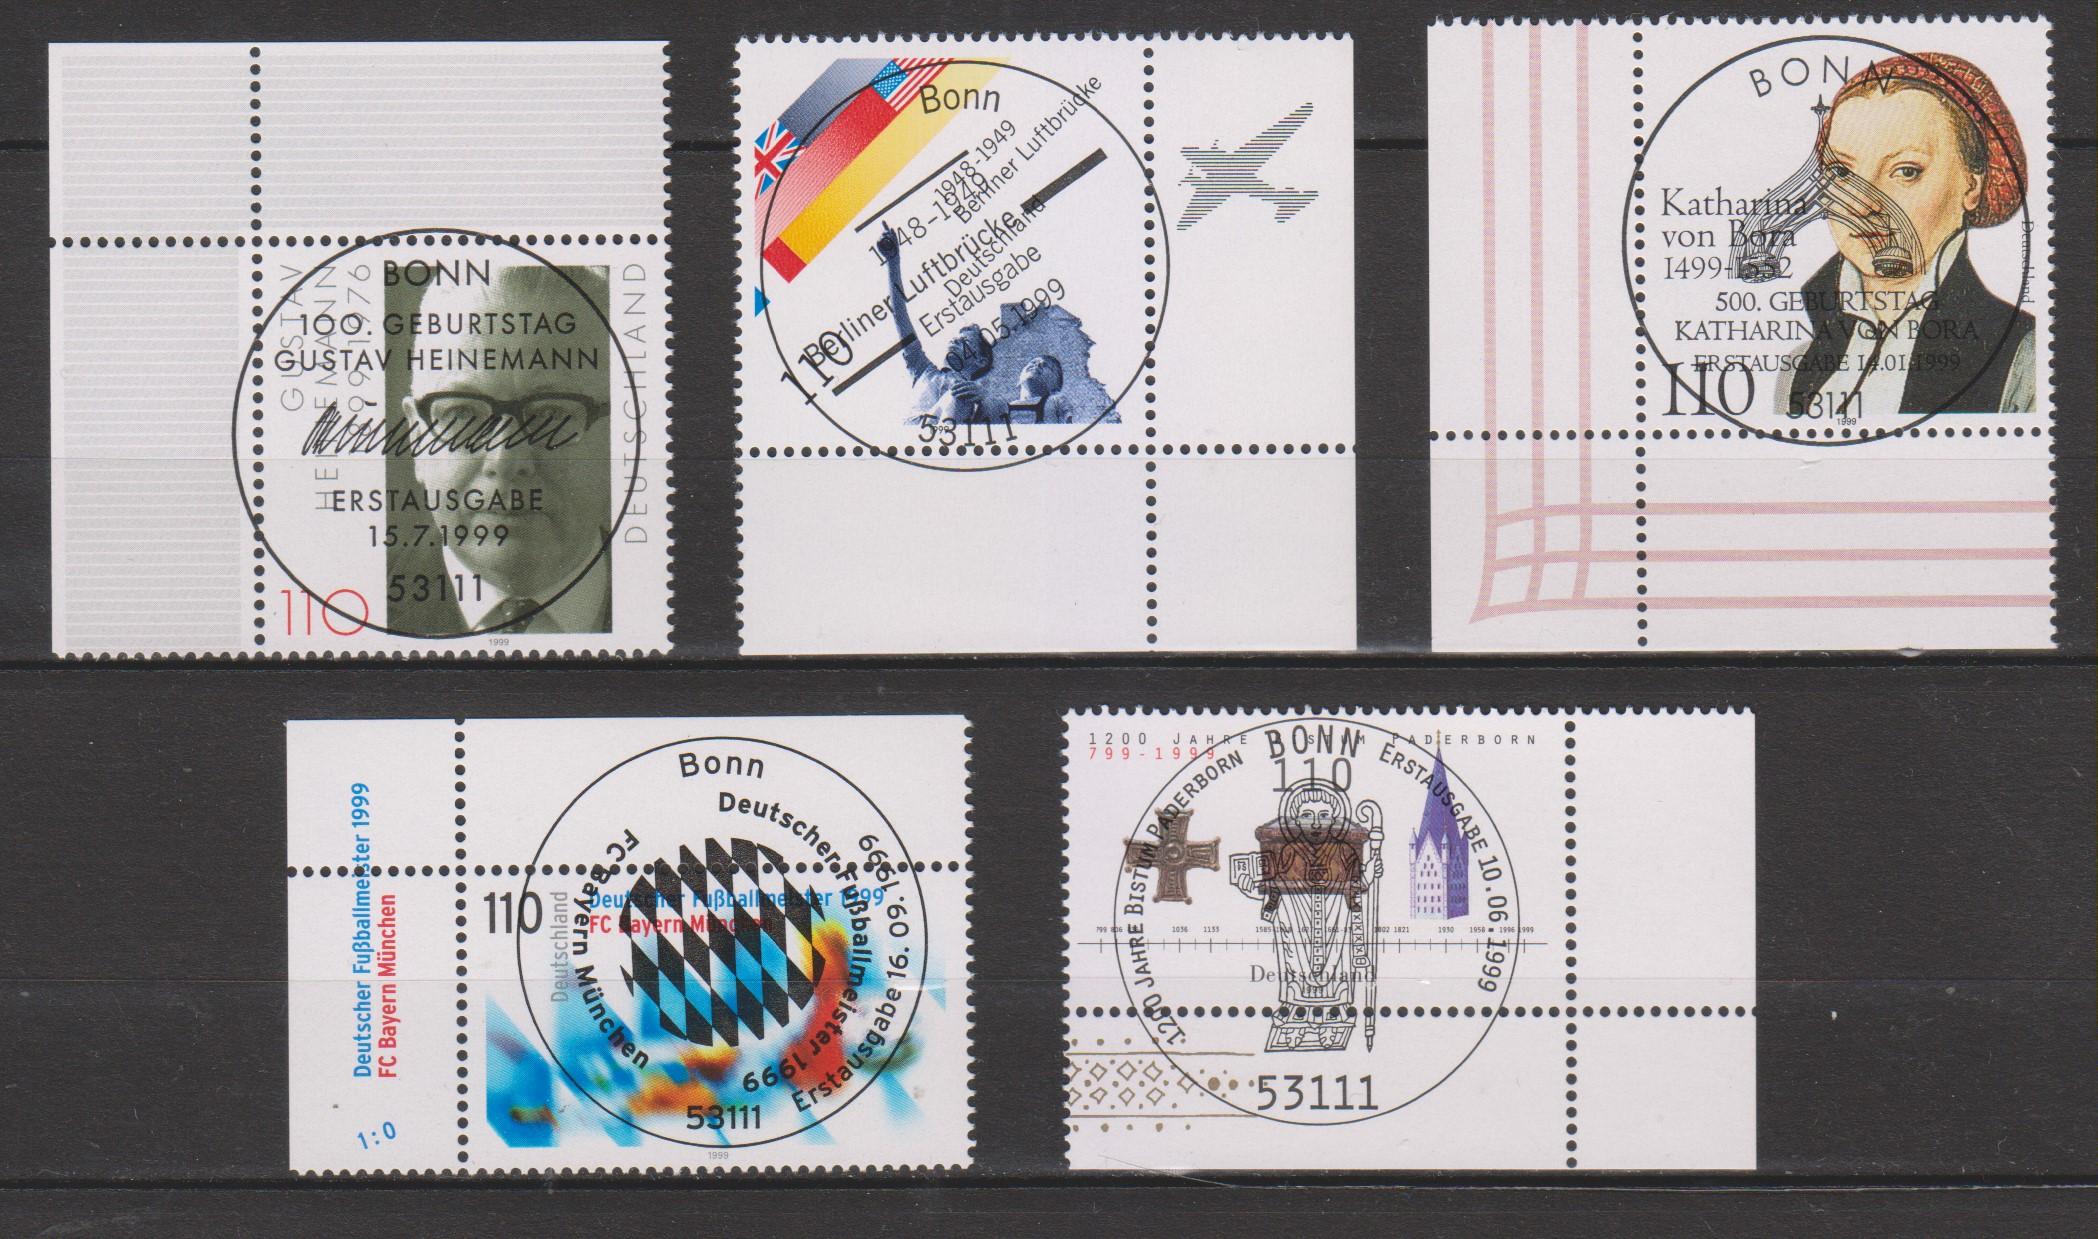 Allemagne - Sélection de timbres oblitérés FDC de 1999 - Cote €4.15